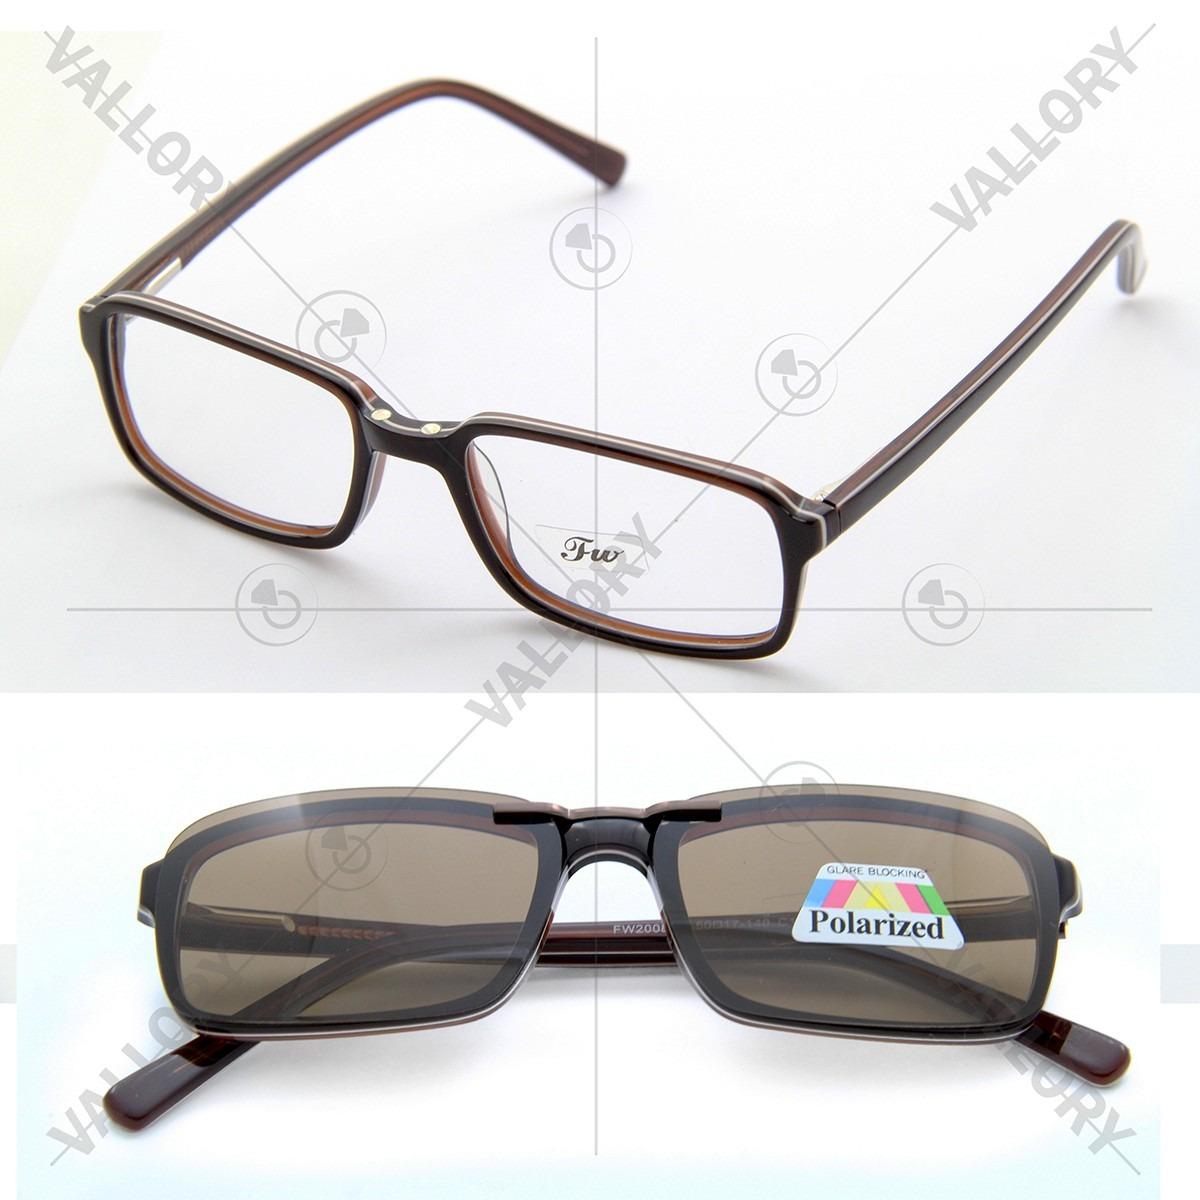 1d42cb00fd431 clip on de sobrepor óculos de grau proteção uv unisex e sol. Carregando  zoom.